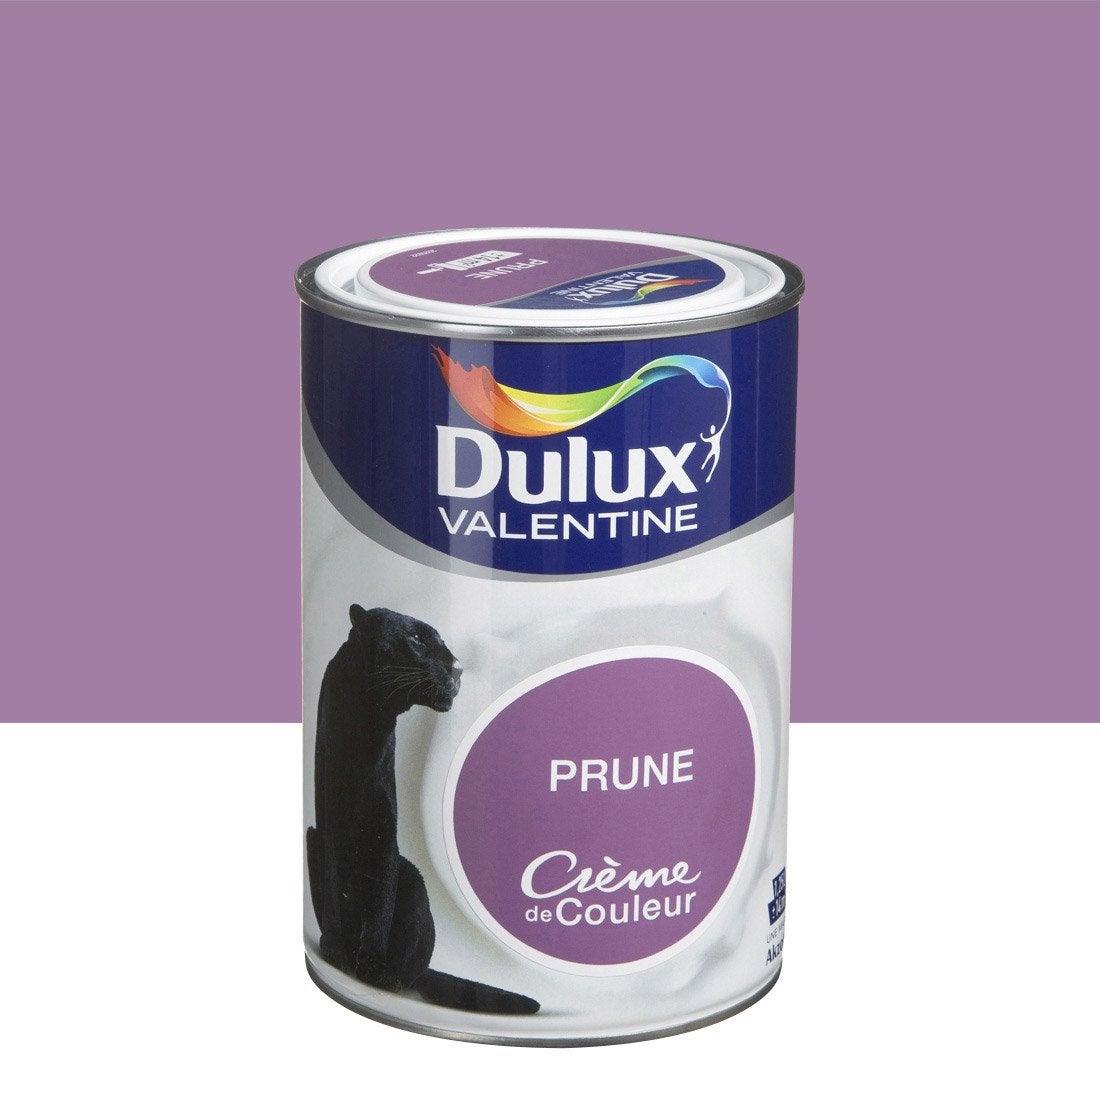 Peinture violet prune dulux valentine cr me de couleur l leroy merlin for Peinture salon maroc violet